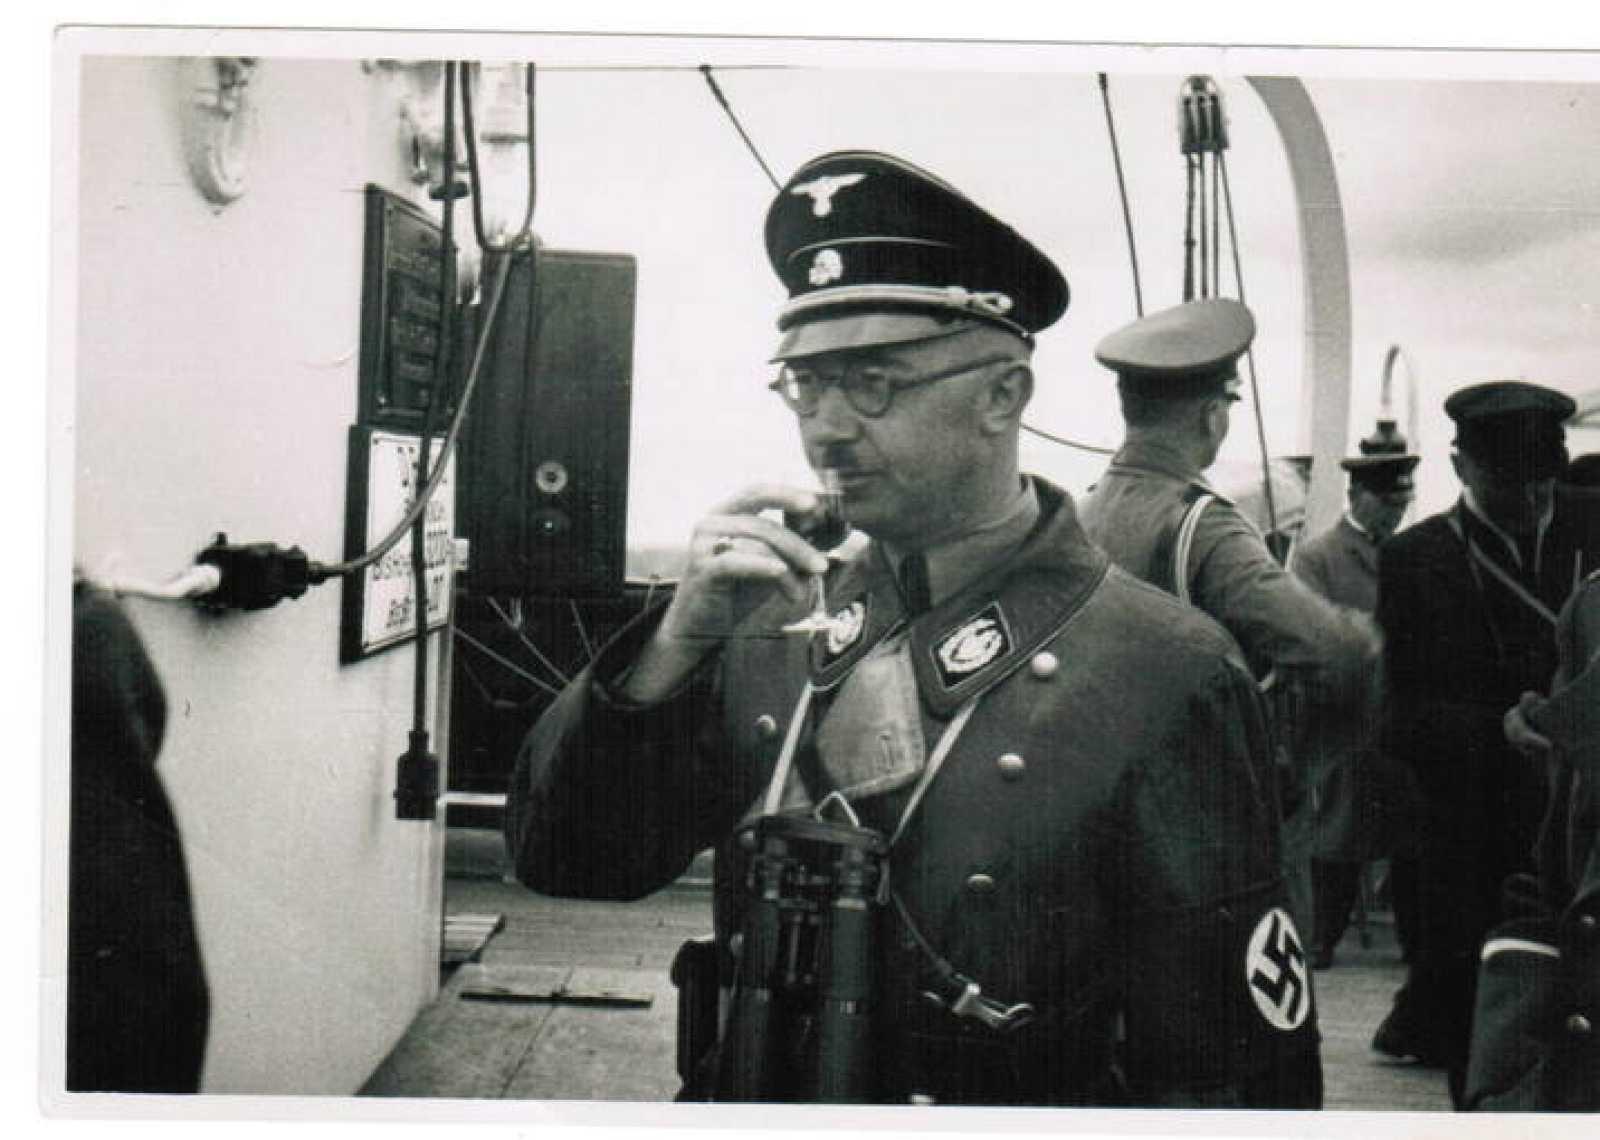 Una de las fotografías inéditas de Himmler que han salido a la luz, publicada por Die Welt